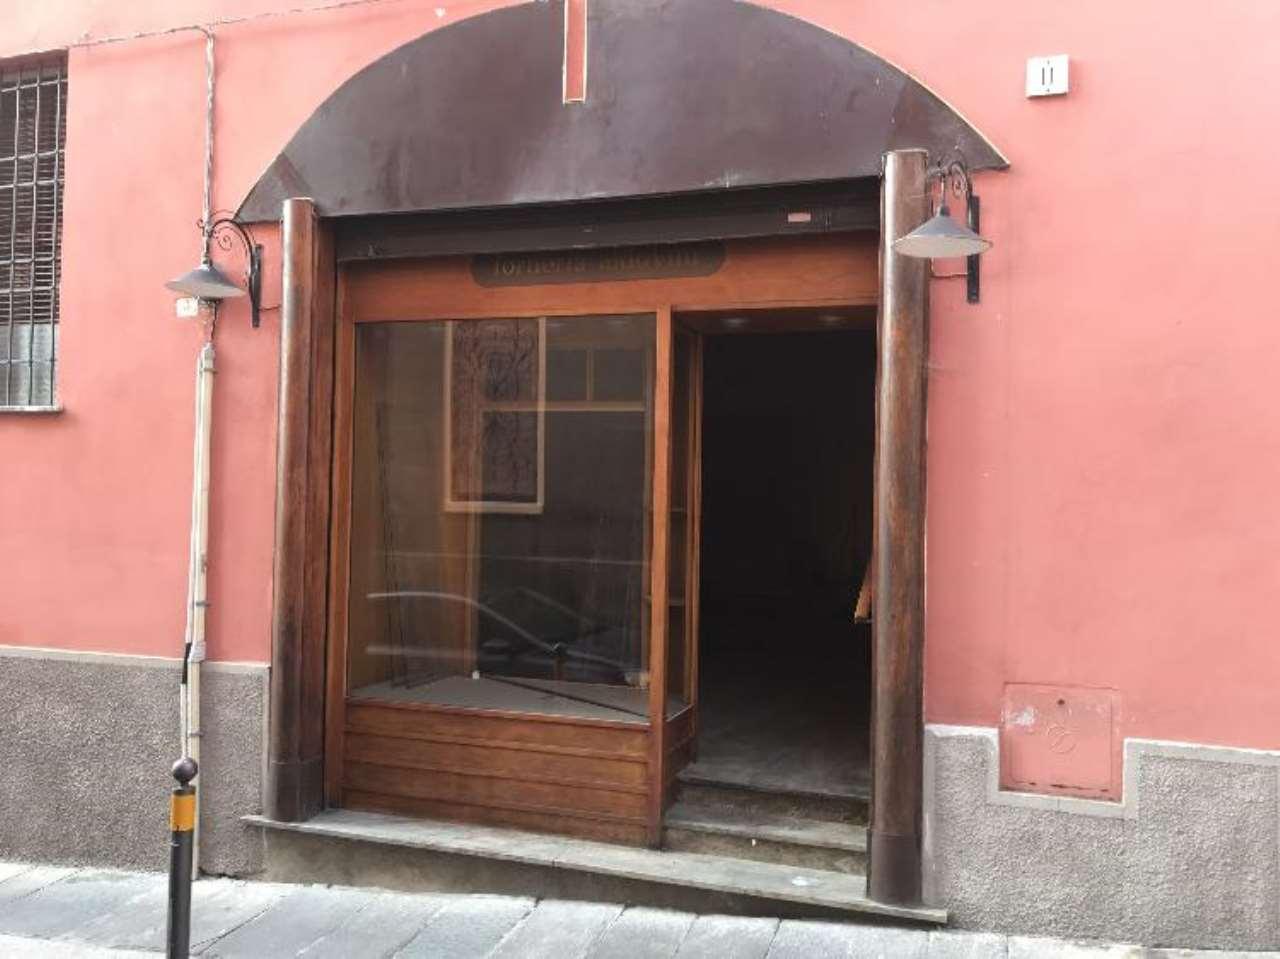 Negozio / Locale in vendita a Cremona, 1 locali, prezzo € 50.000 | CambioCasa.it